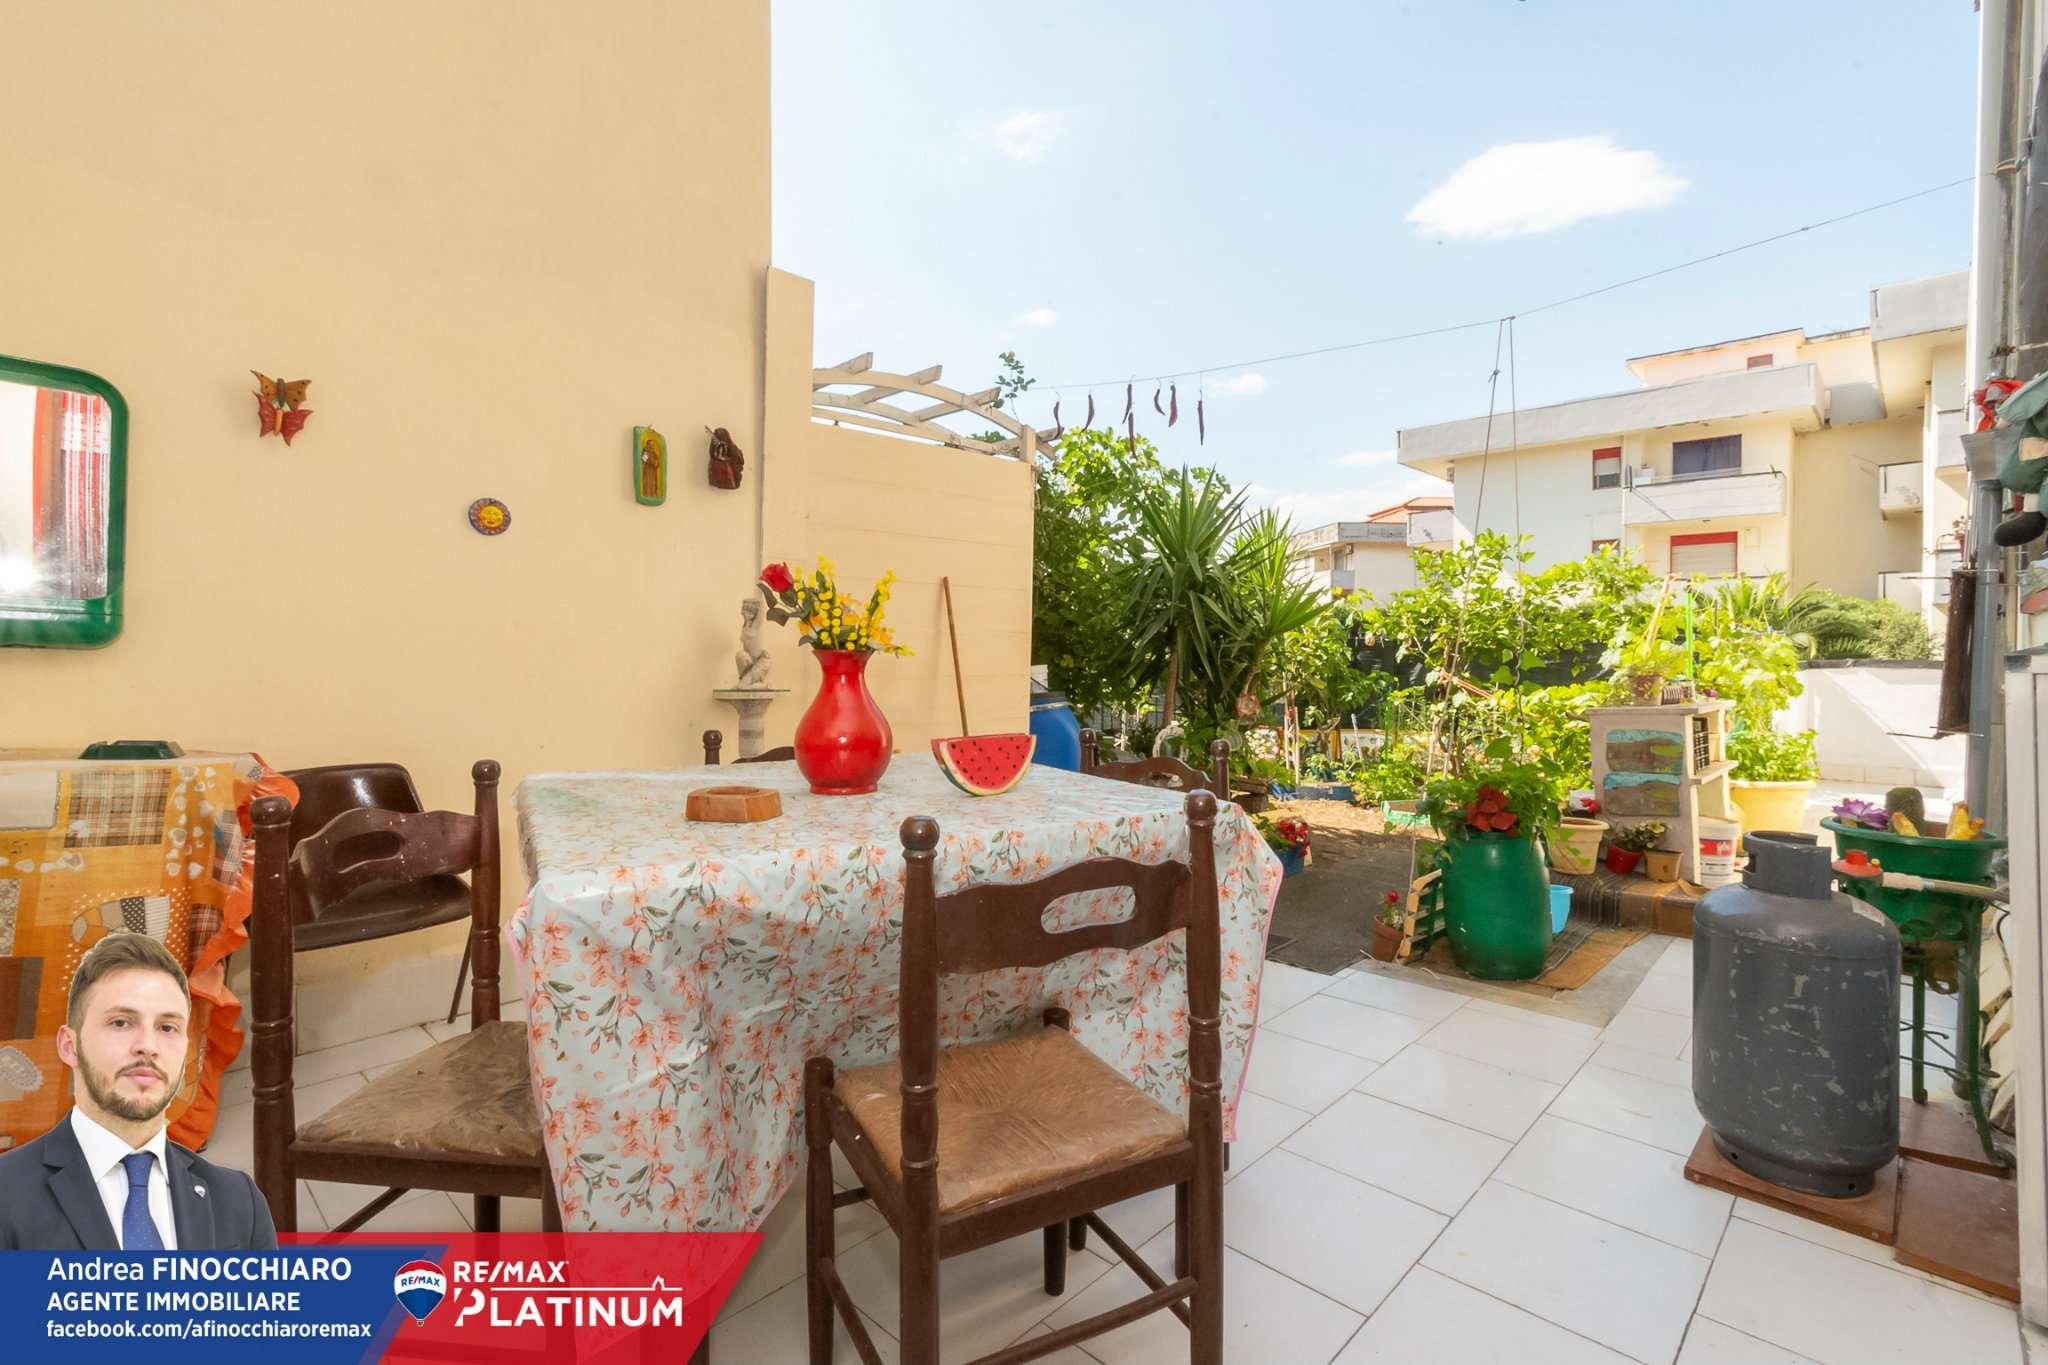 Appartamento in vendita a Motta Sant'Anastasia, 4 locali, prezzo € 80.000 | PortaleAgenzieImmobiliari.it